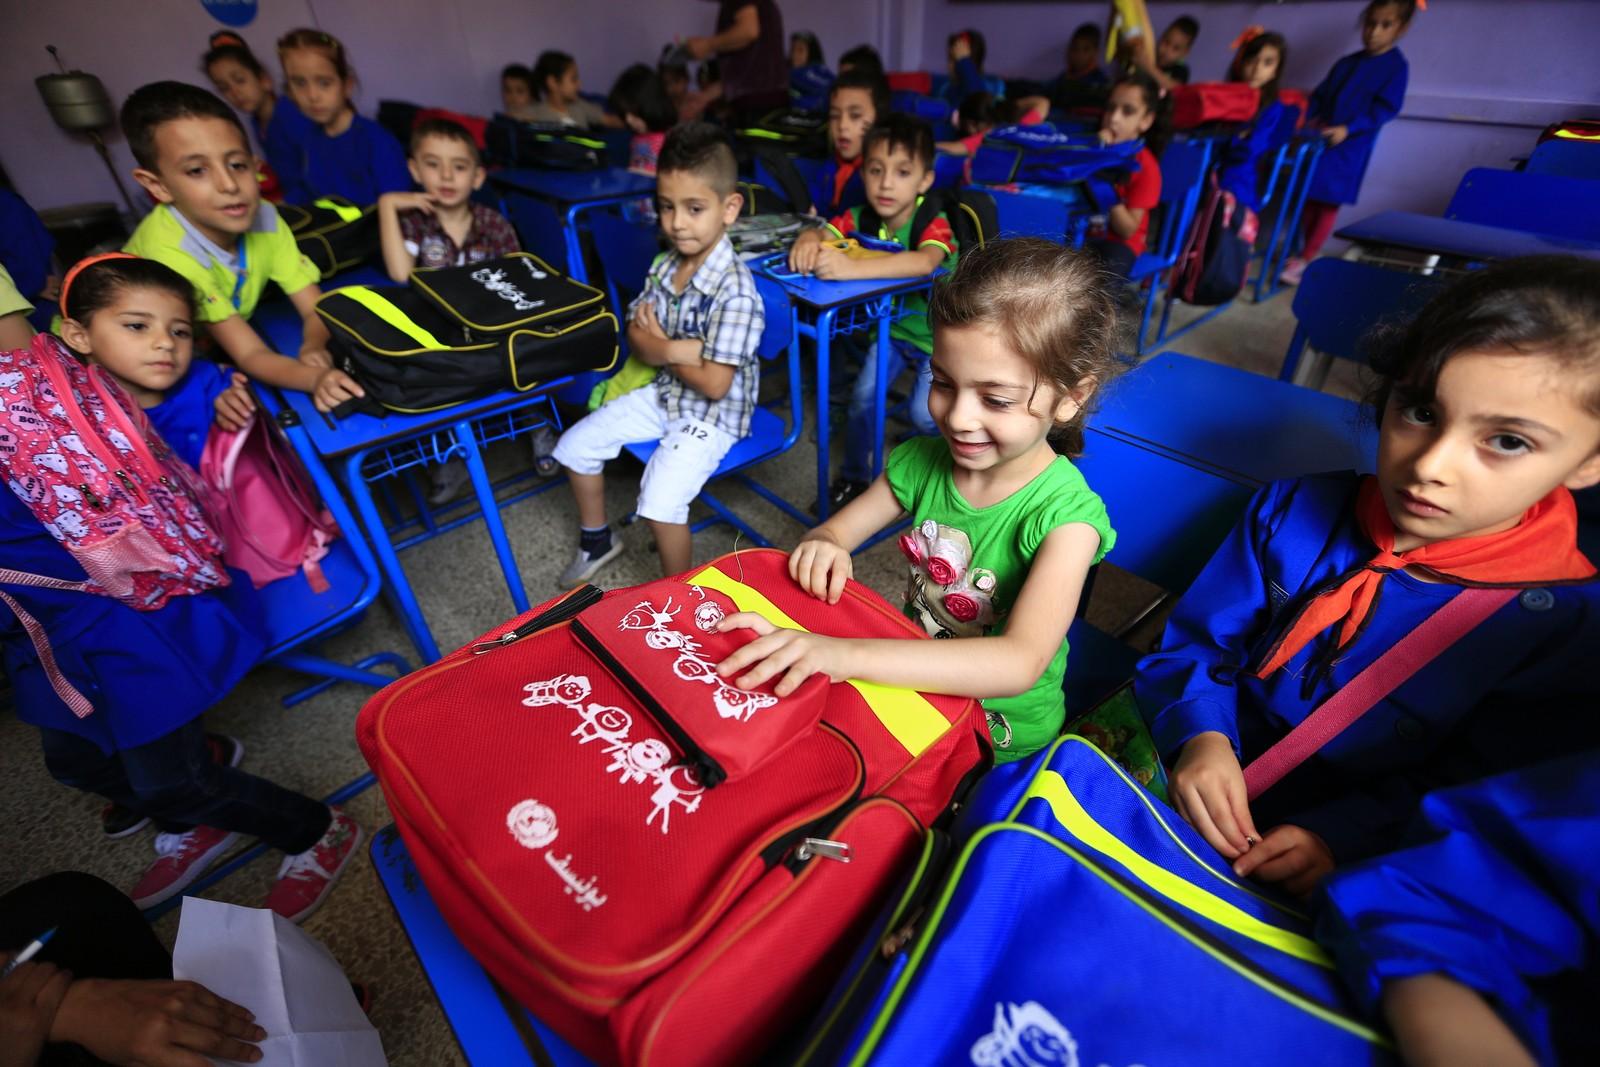 6 år gamle Fatima smiler etter å ha fått ny sekk på sin første skoledag. 100 barn startet opp på skolen Nazem Atrash Primary school i Homs høsten 2015.